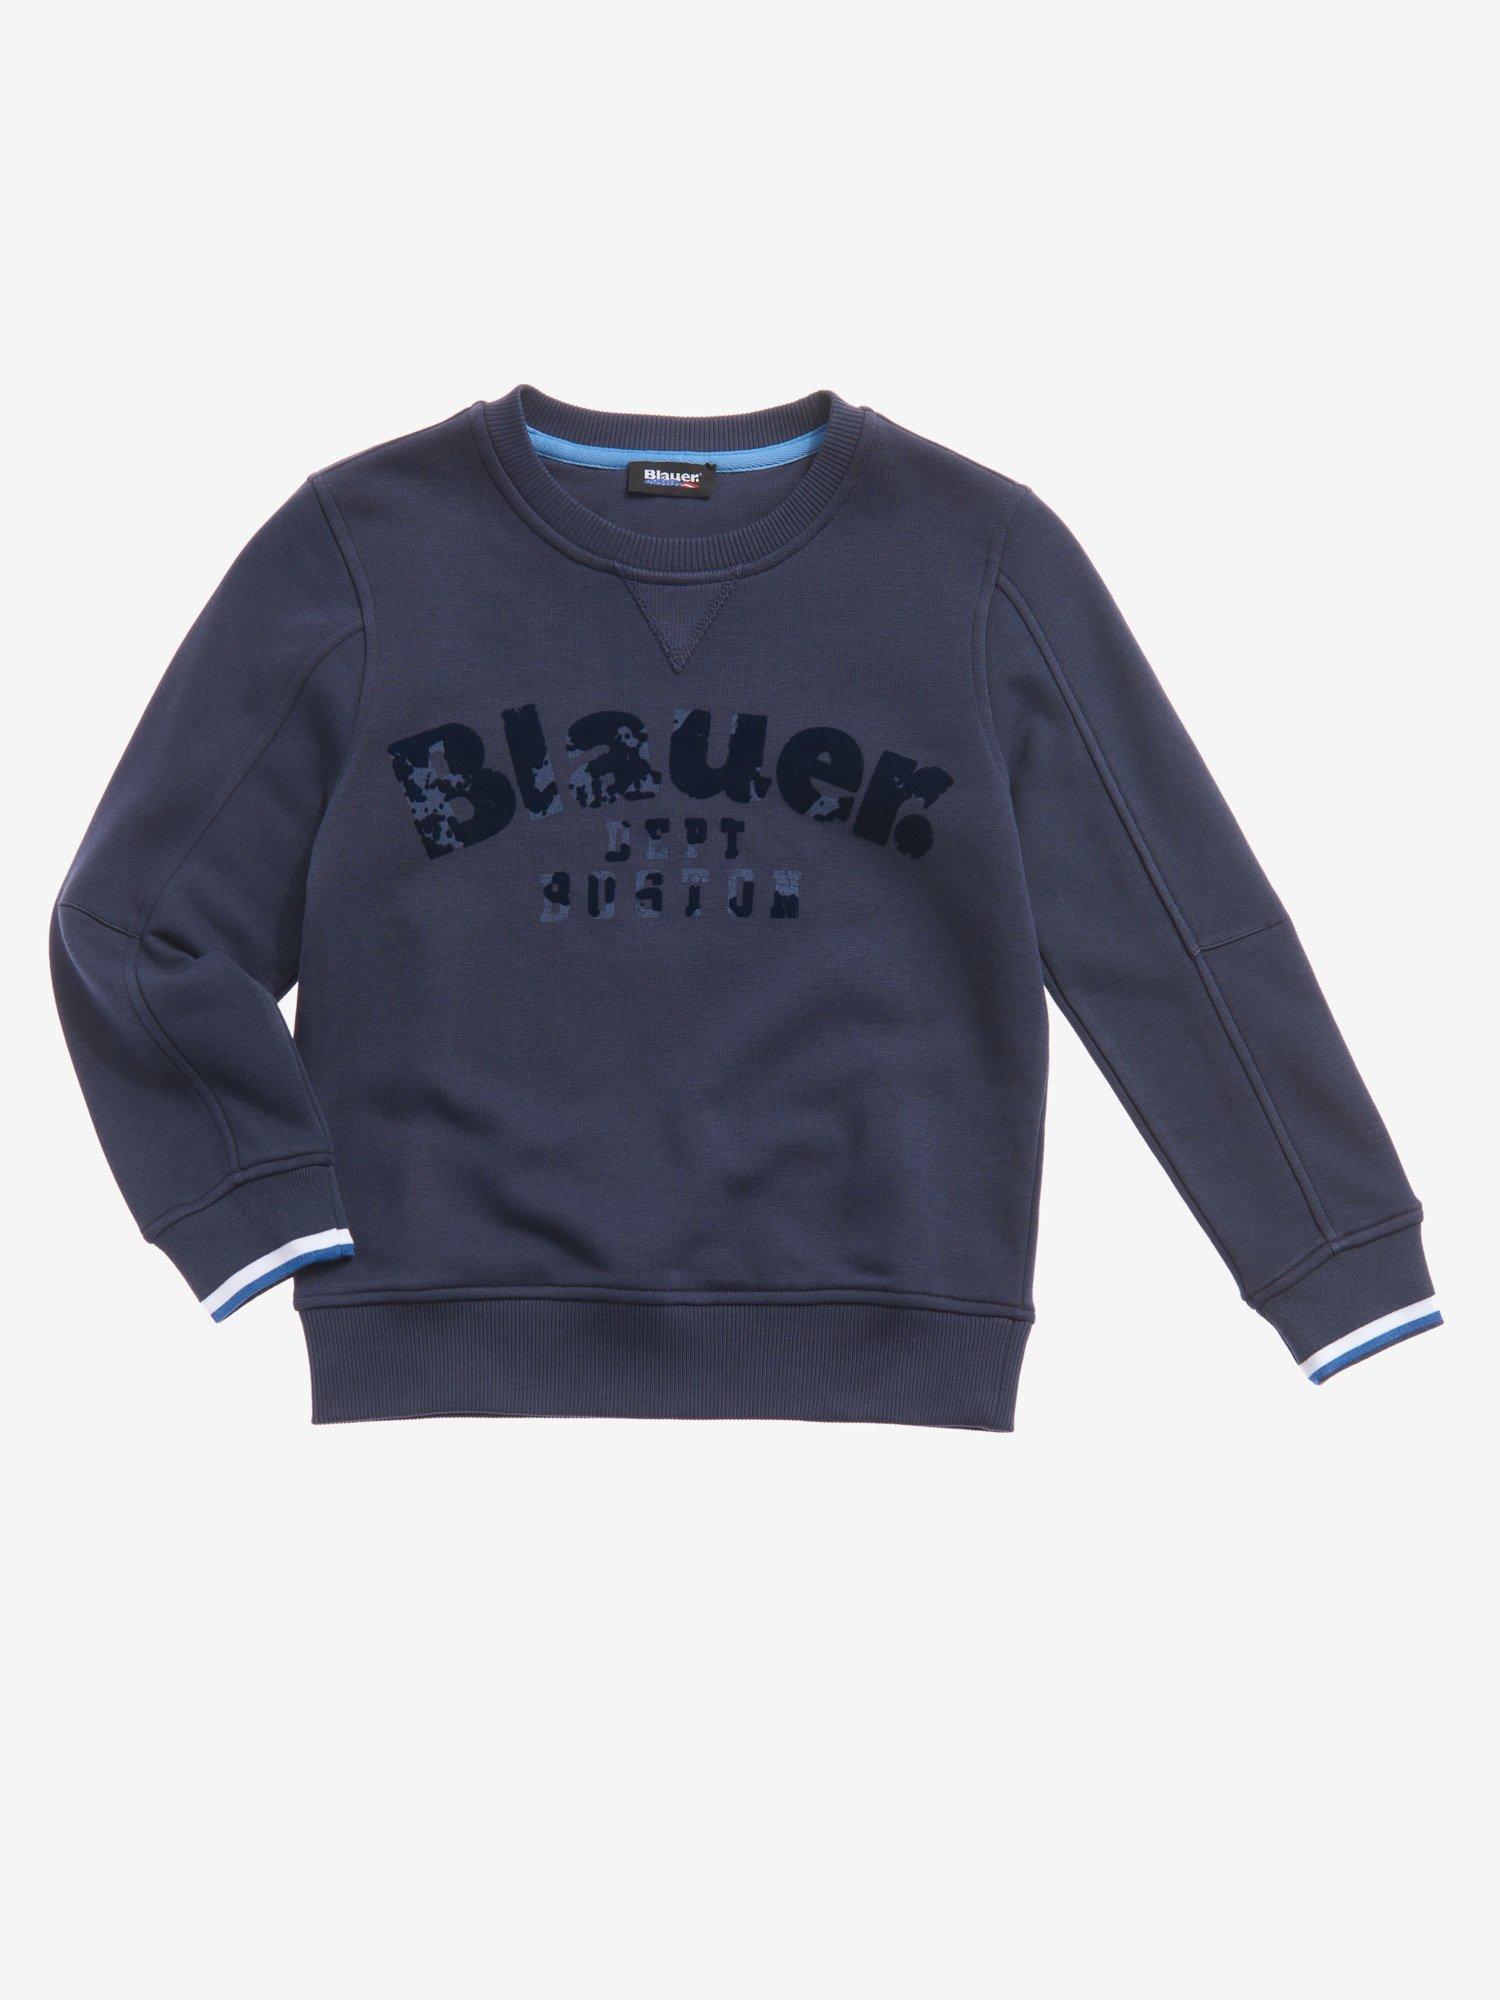 CREW NECK SWEATSHIRT - Blauer